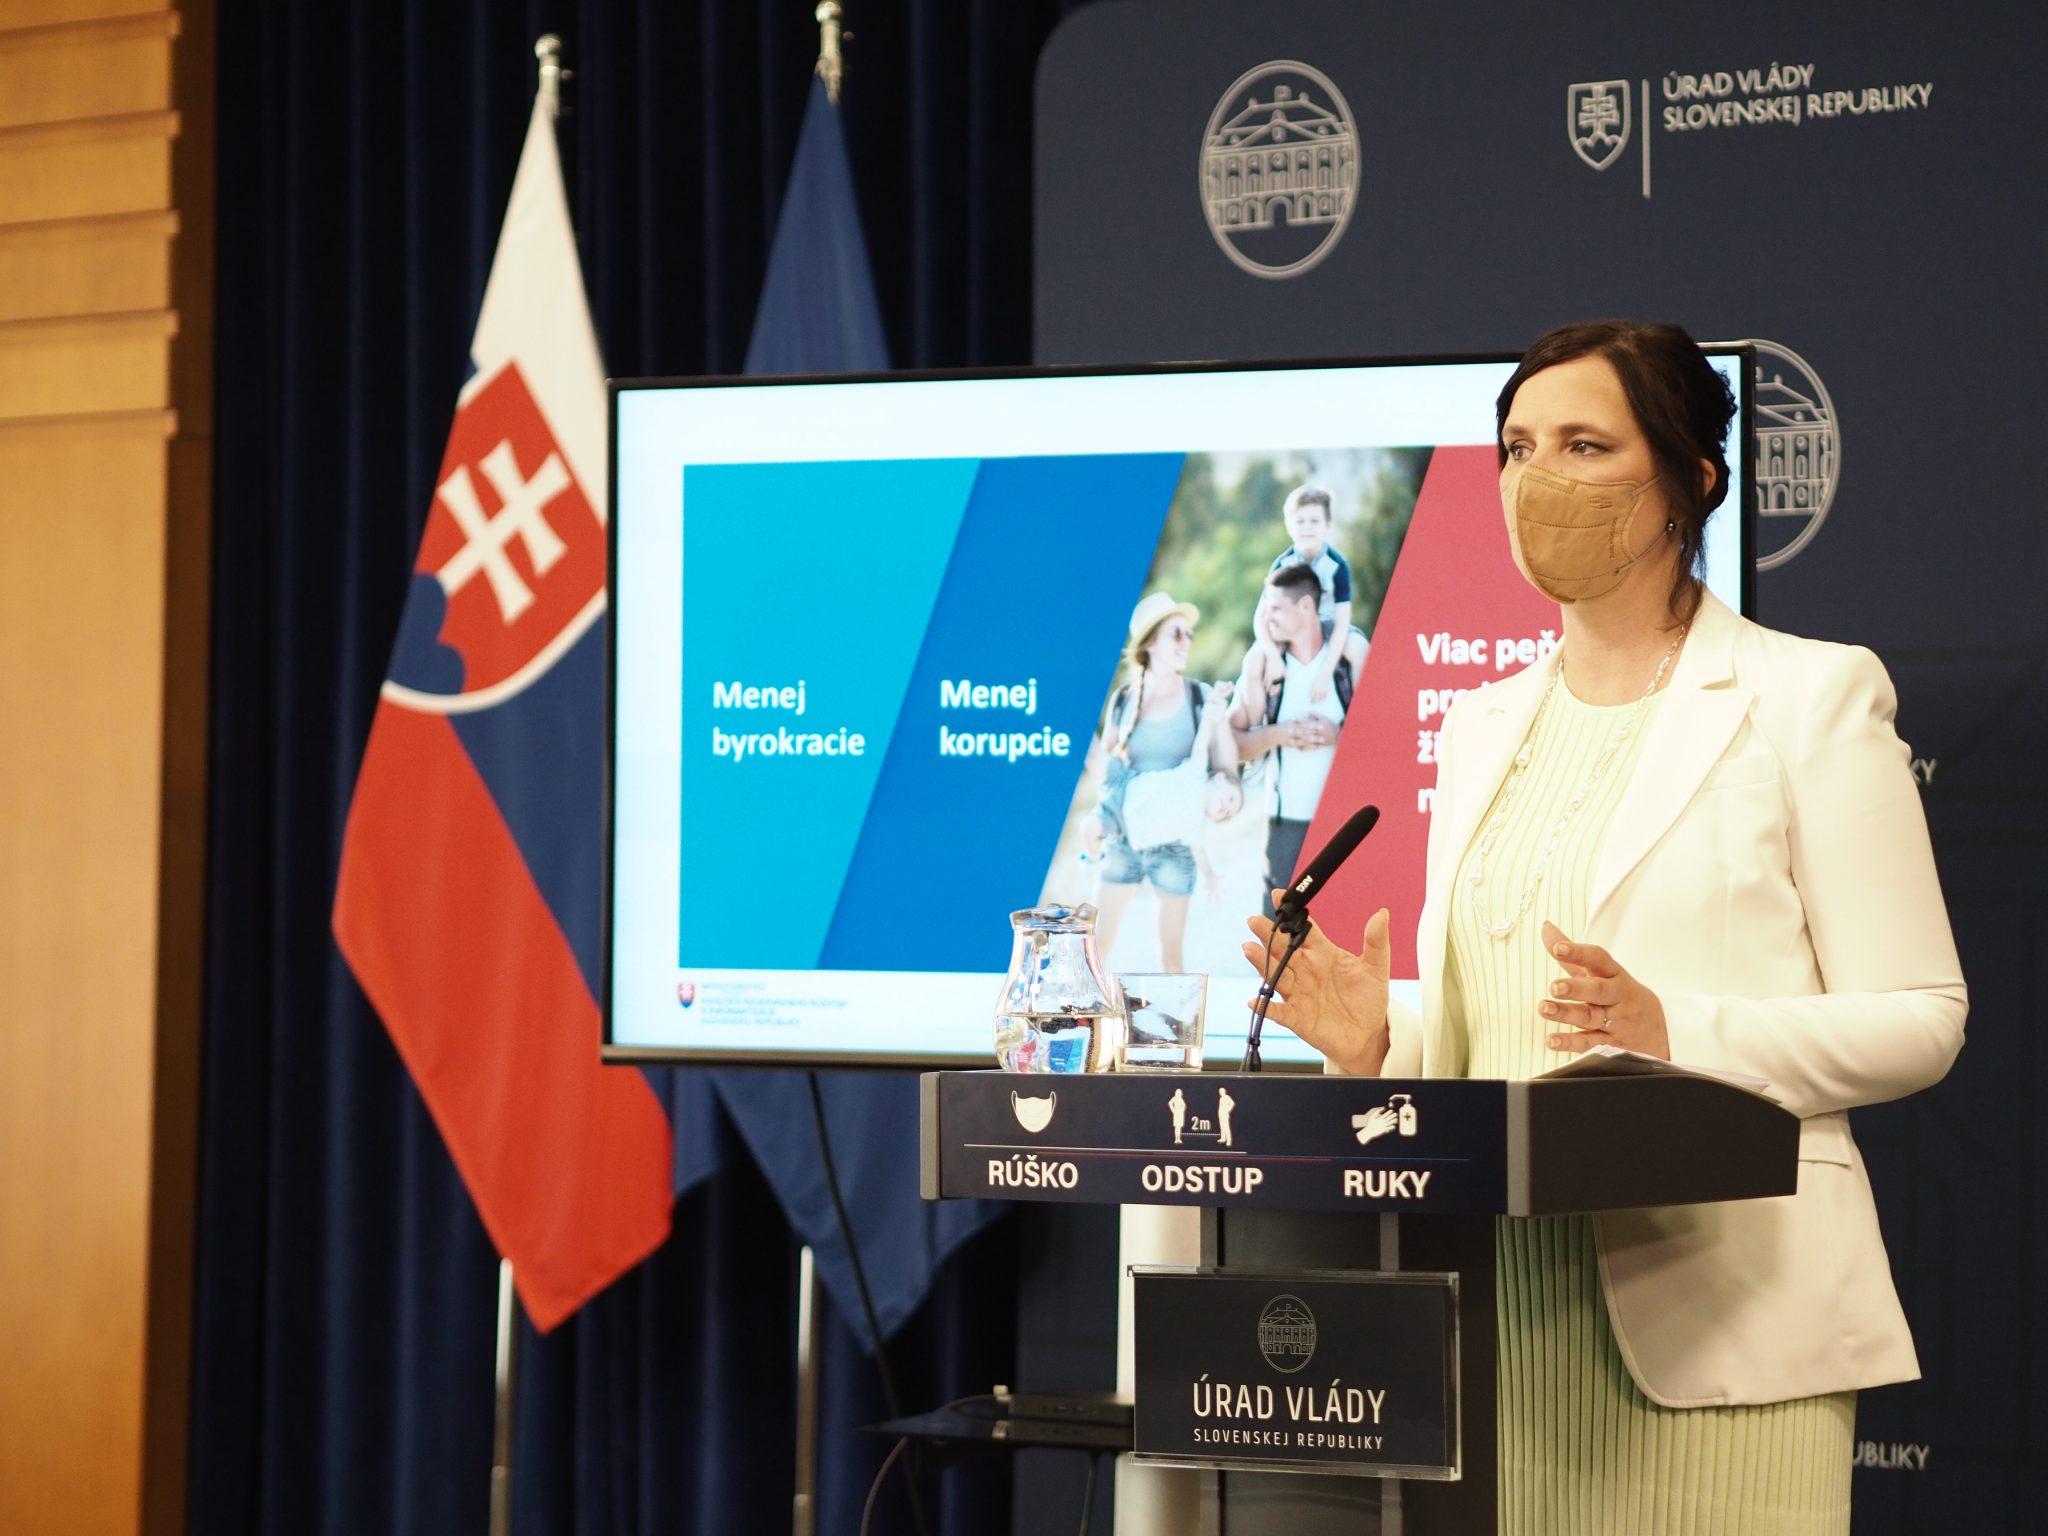 Vicepremiérka Remišová: Reforma eurofondov pokračuje! 5. antibyrokratický balíček prináša jednoduchšie a jasnejšie pravidlá